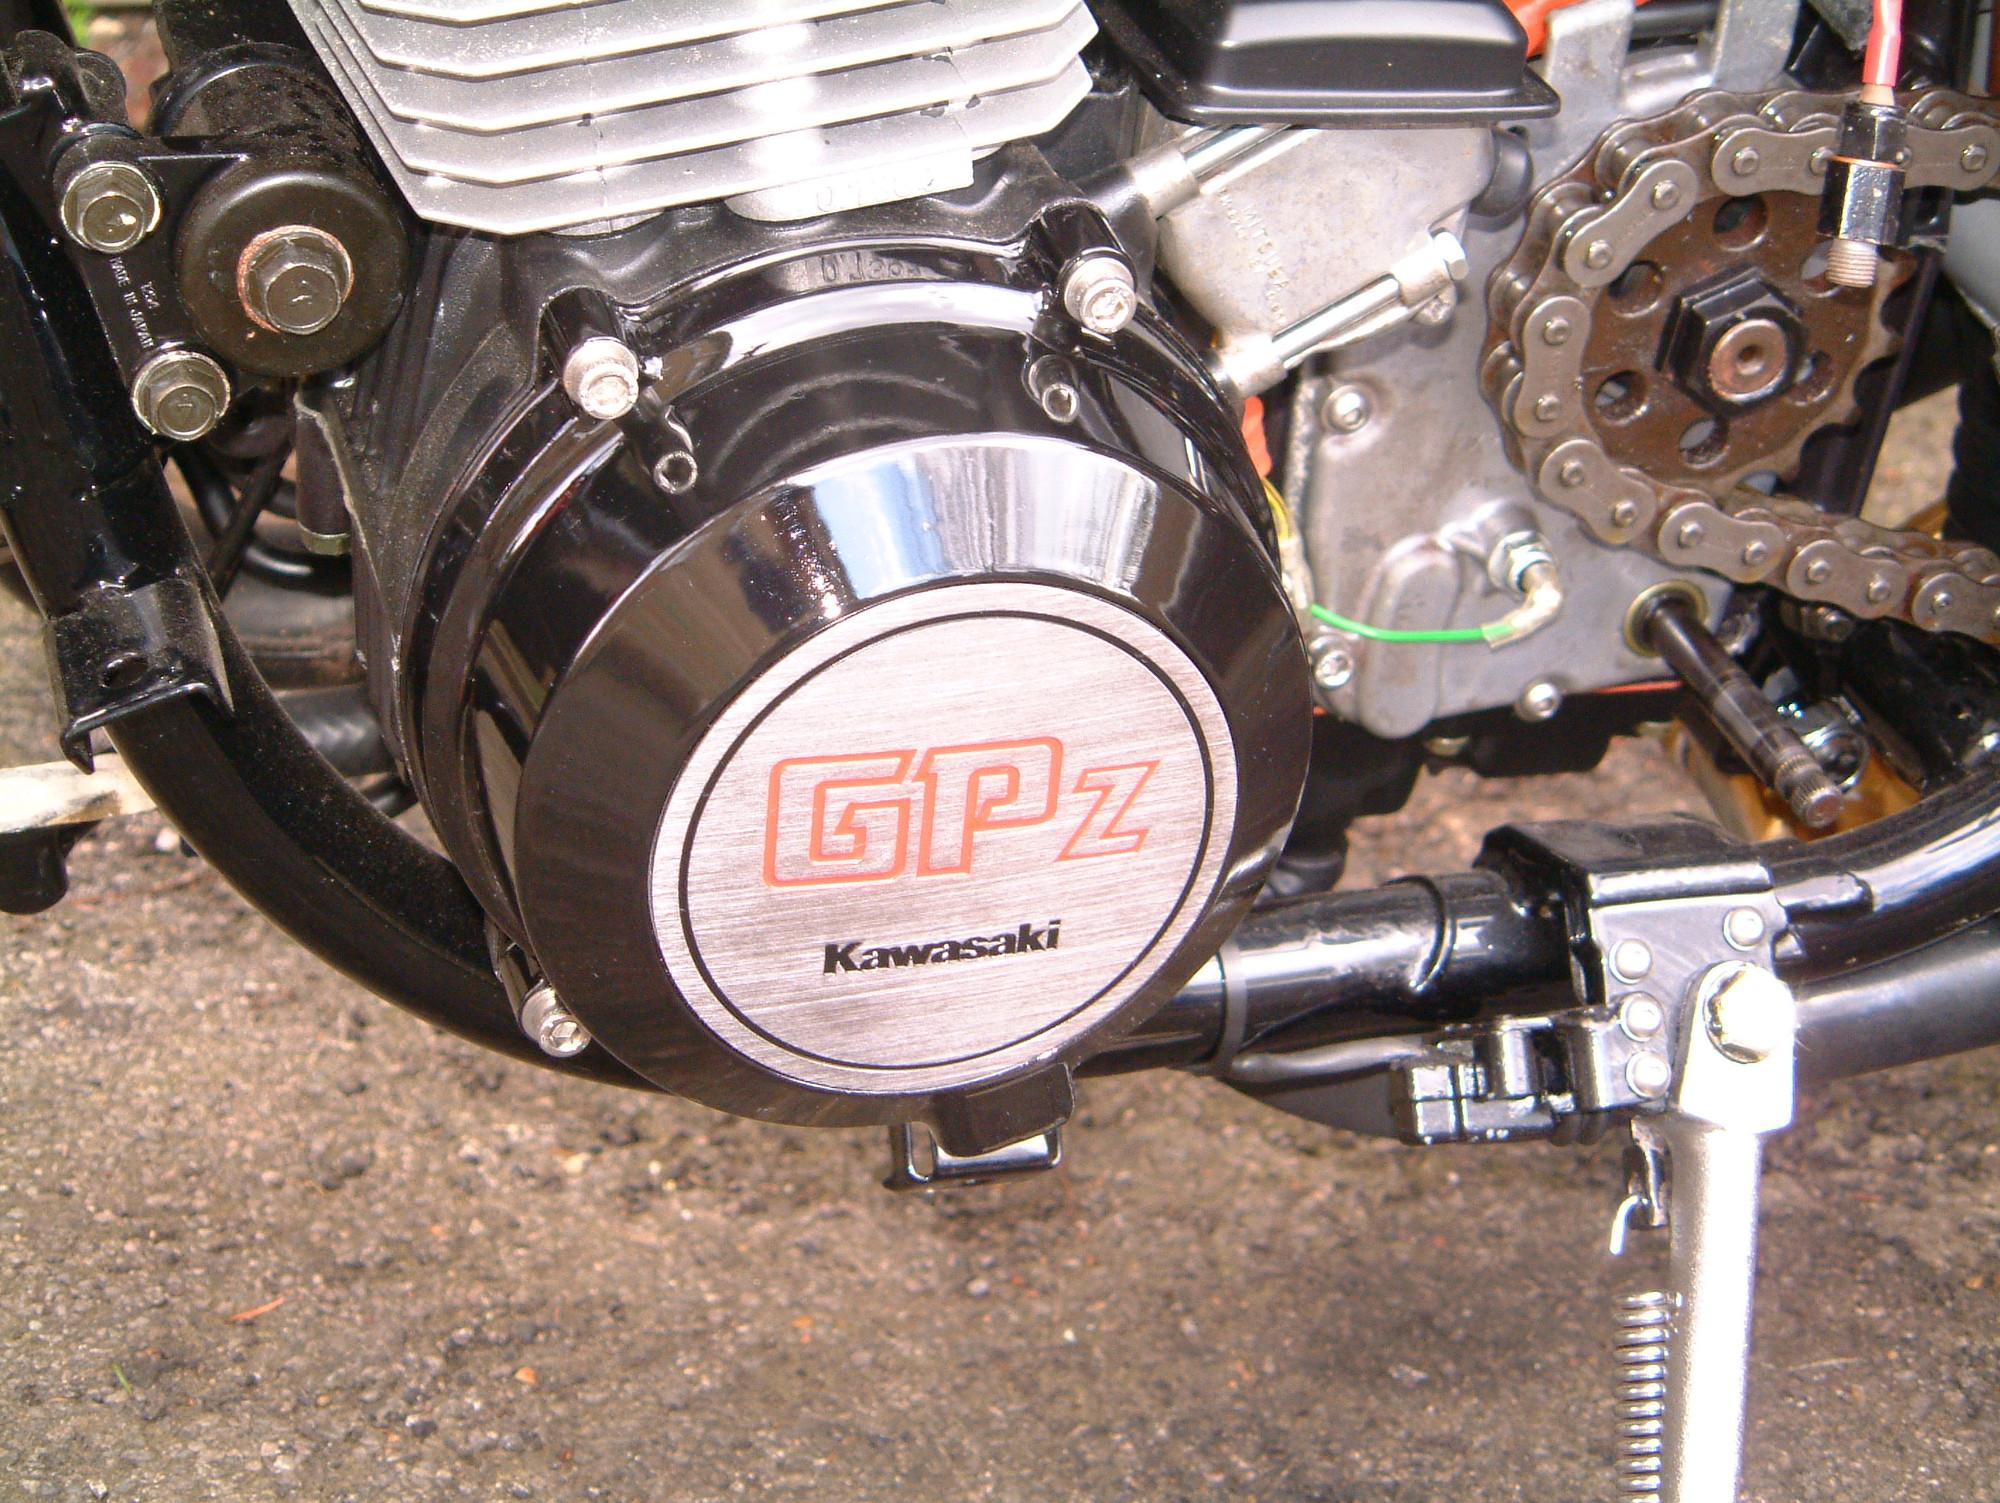 Kawasaki Zrx 1200 Wiring Diagram Great Design Of Zzr Gpz 1100 Turbo 2005 Zrx1200r Japan